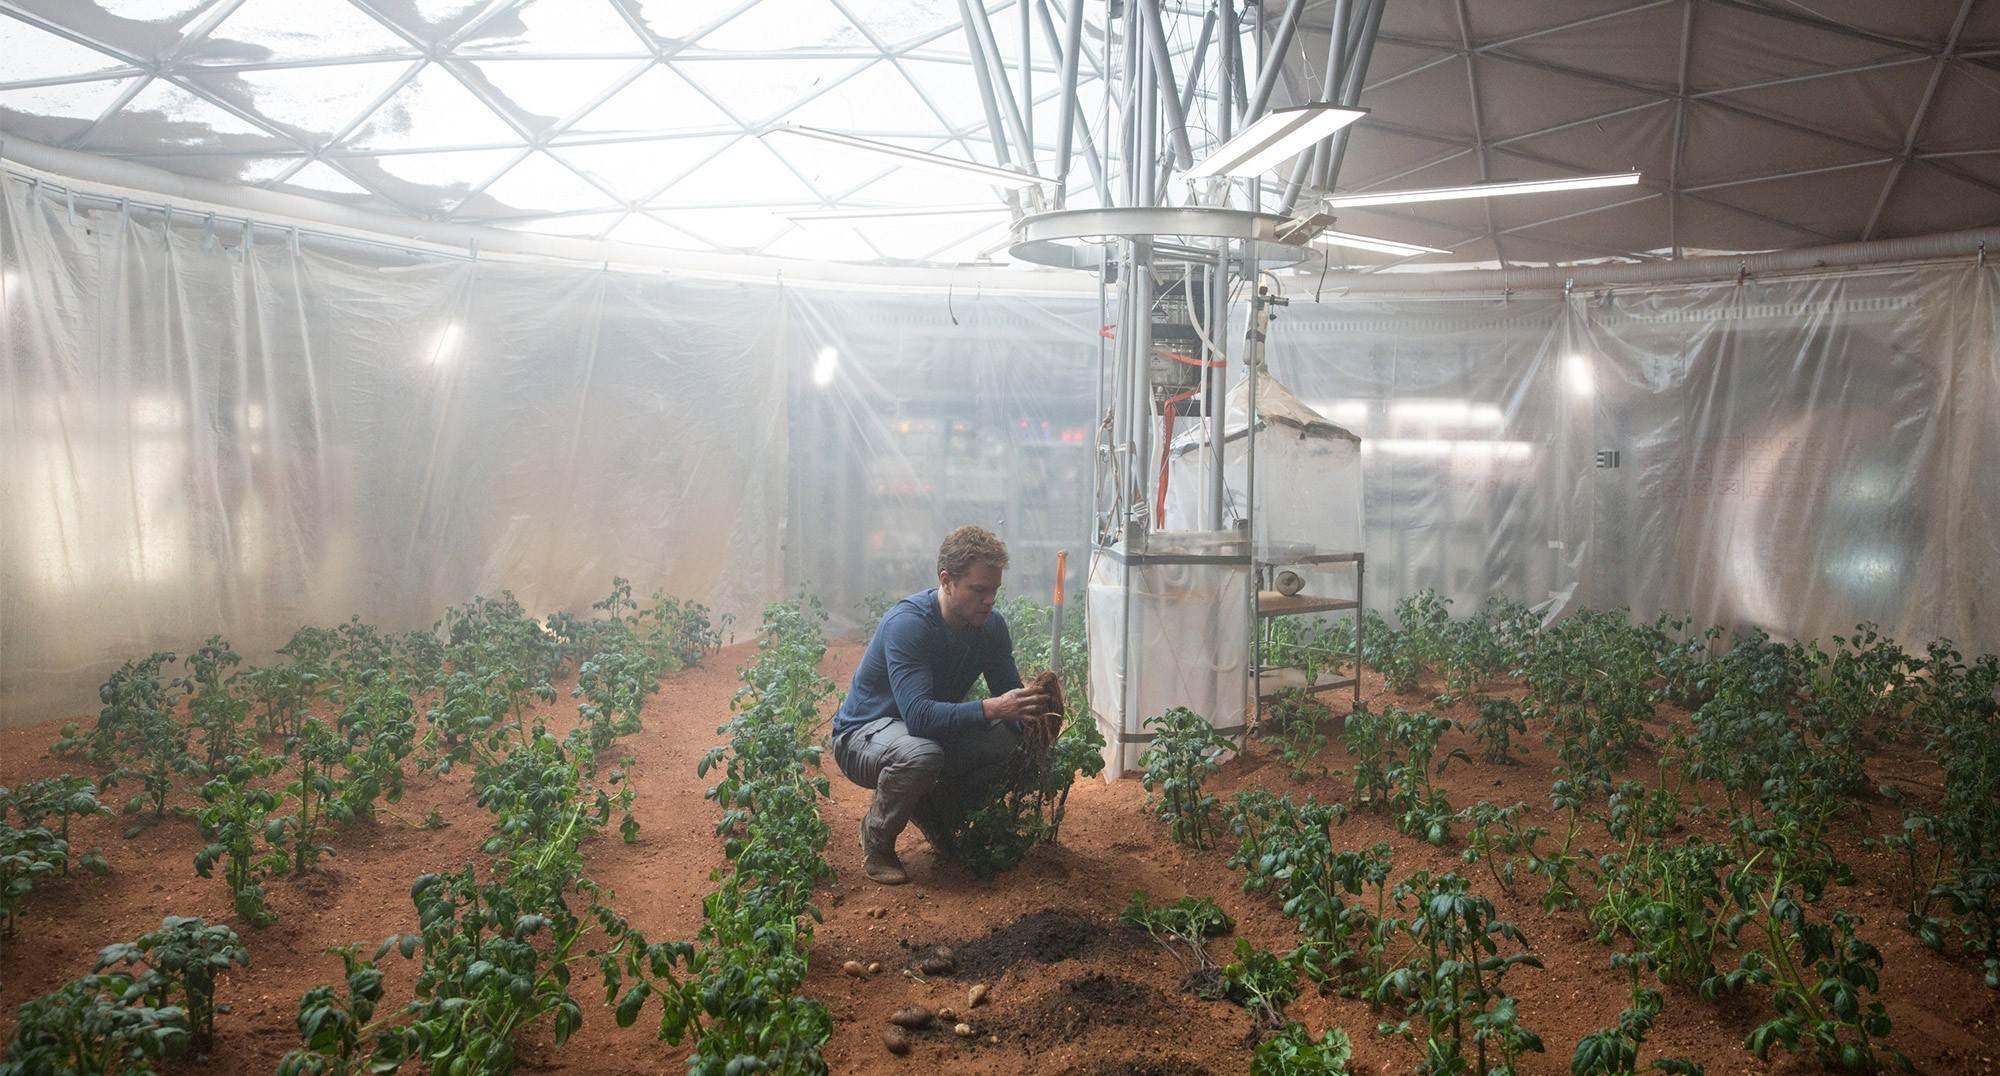 Le sol martien est chimiquement agressif et impropre à l'agriculture en l'état